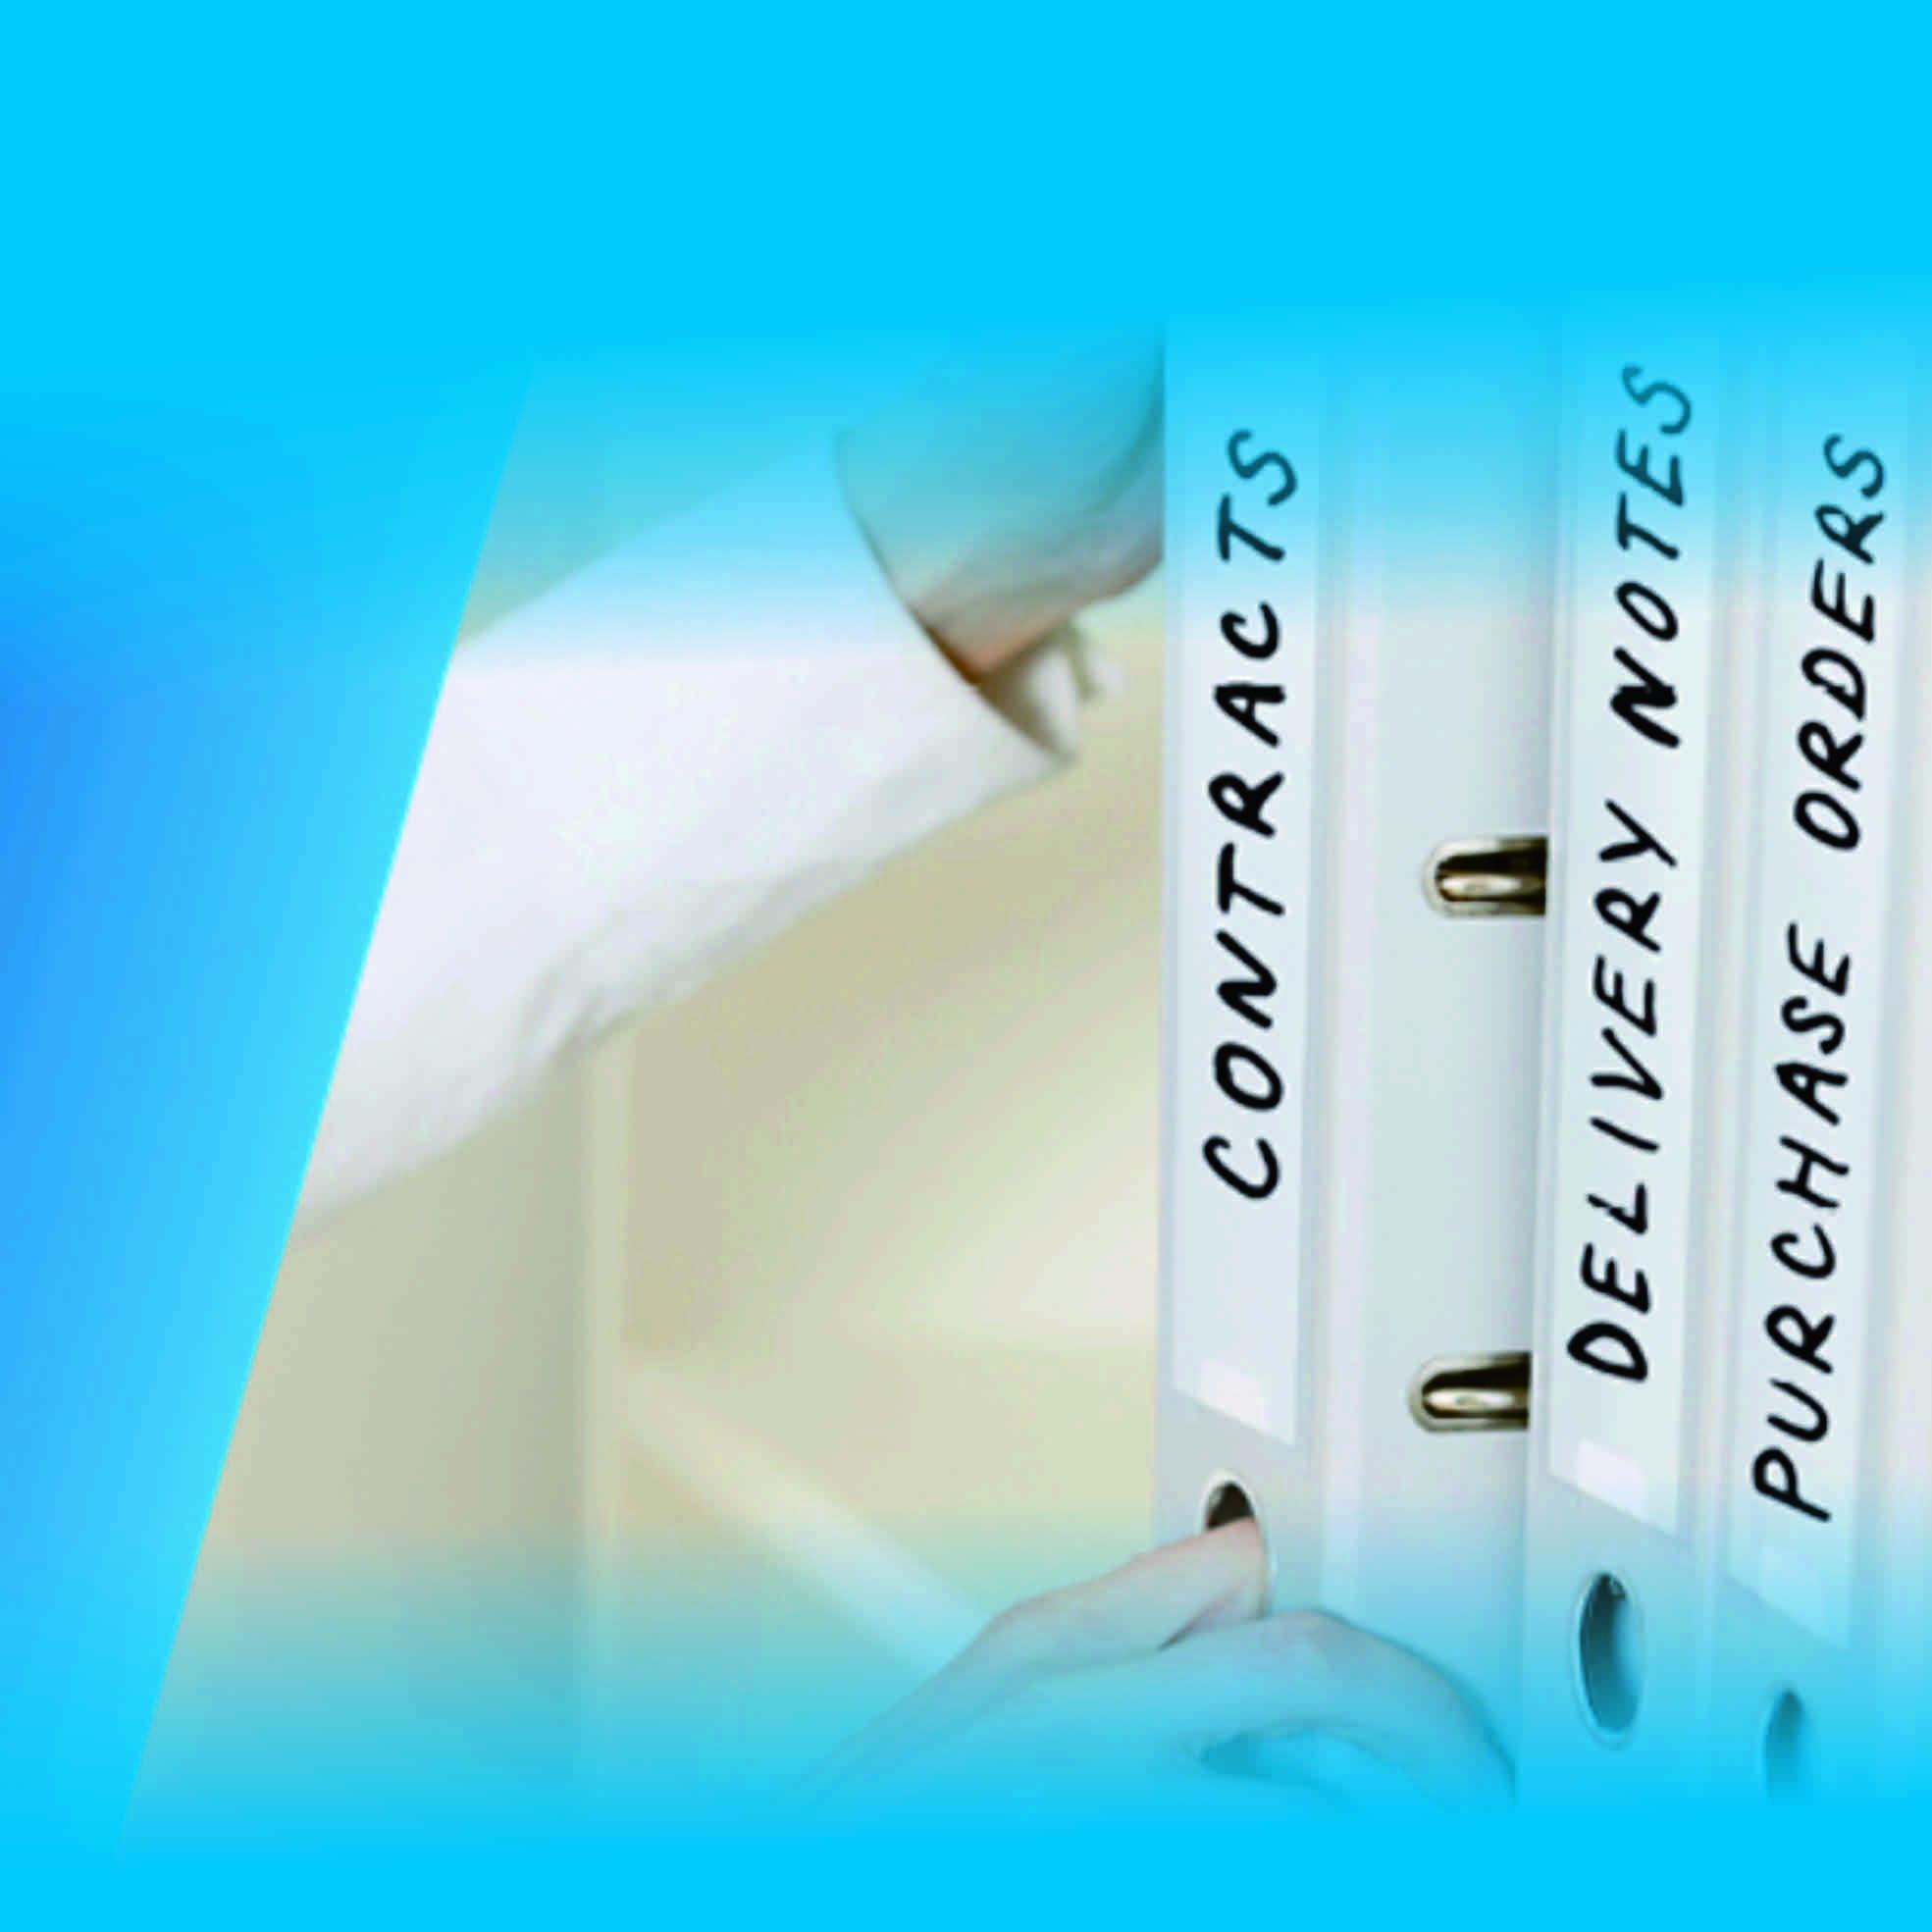 Identifikasi Titik Kritis Kecurangan (Fraud) Dalam Pengadaan Barang/Jasa – April